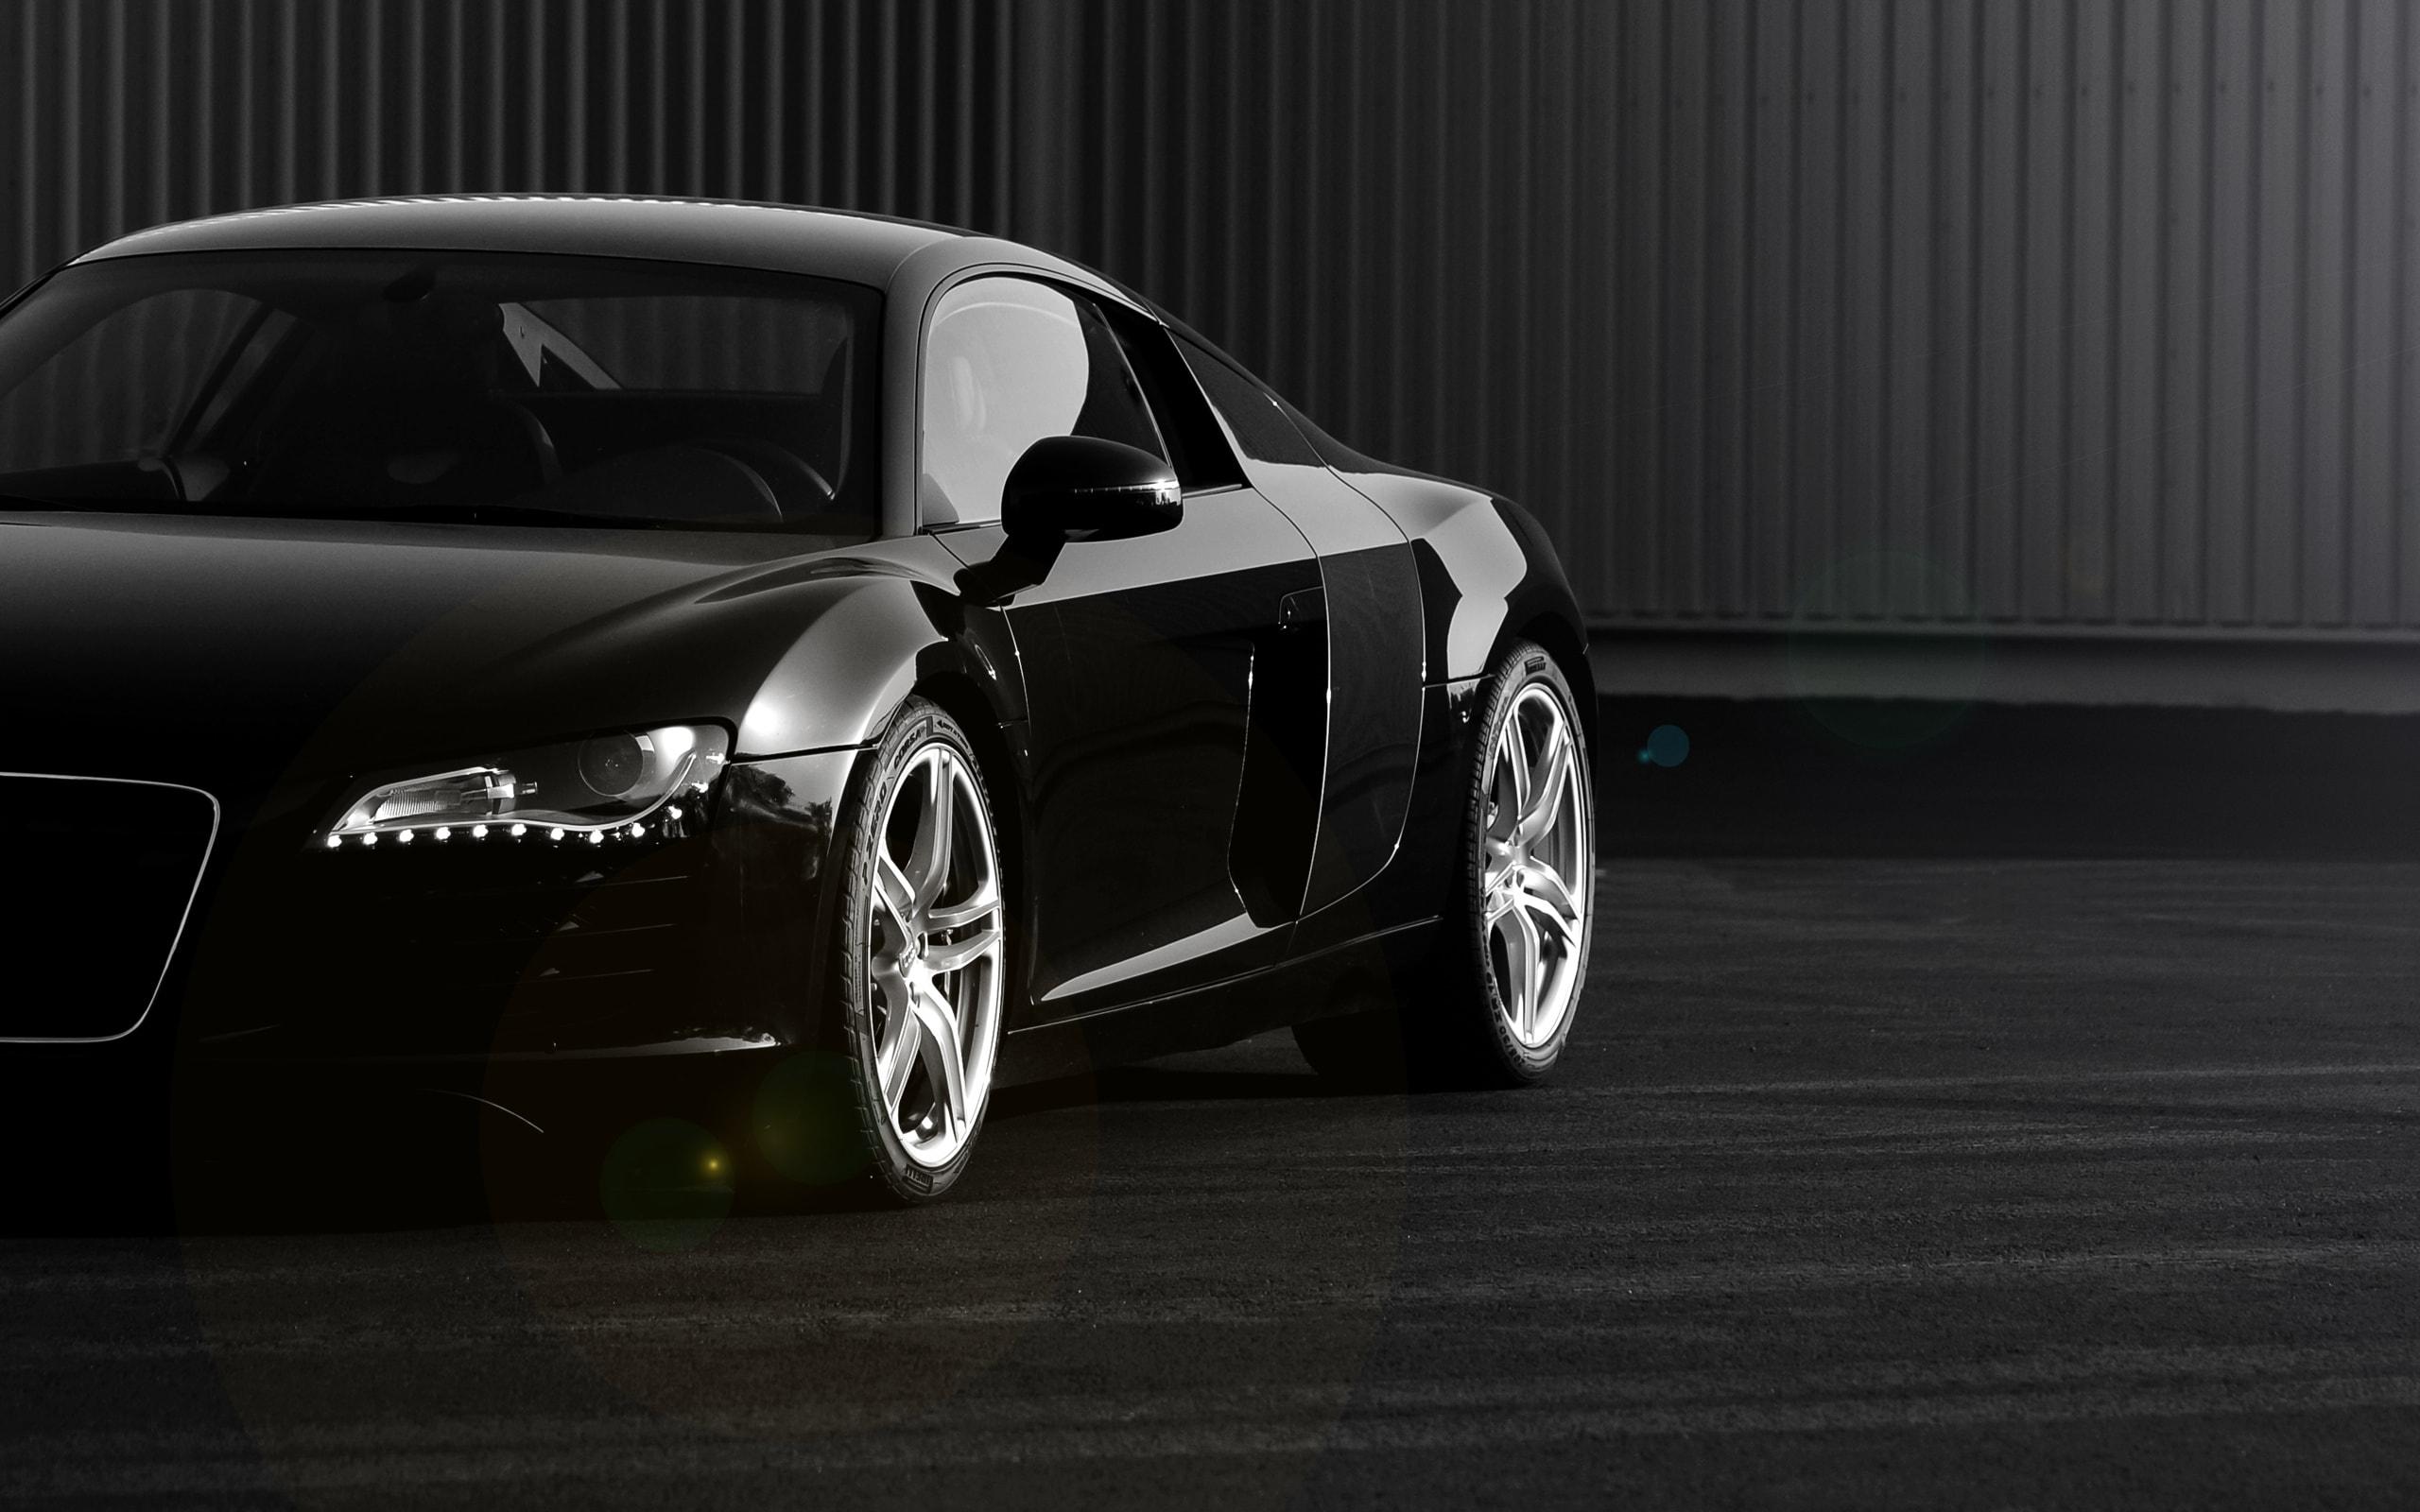 Audi R8 wallpaper